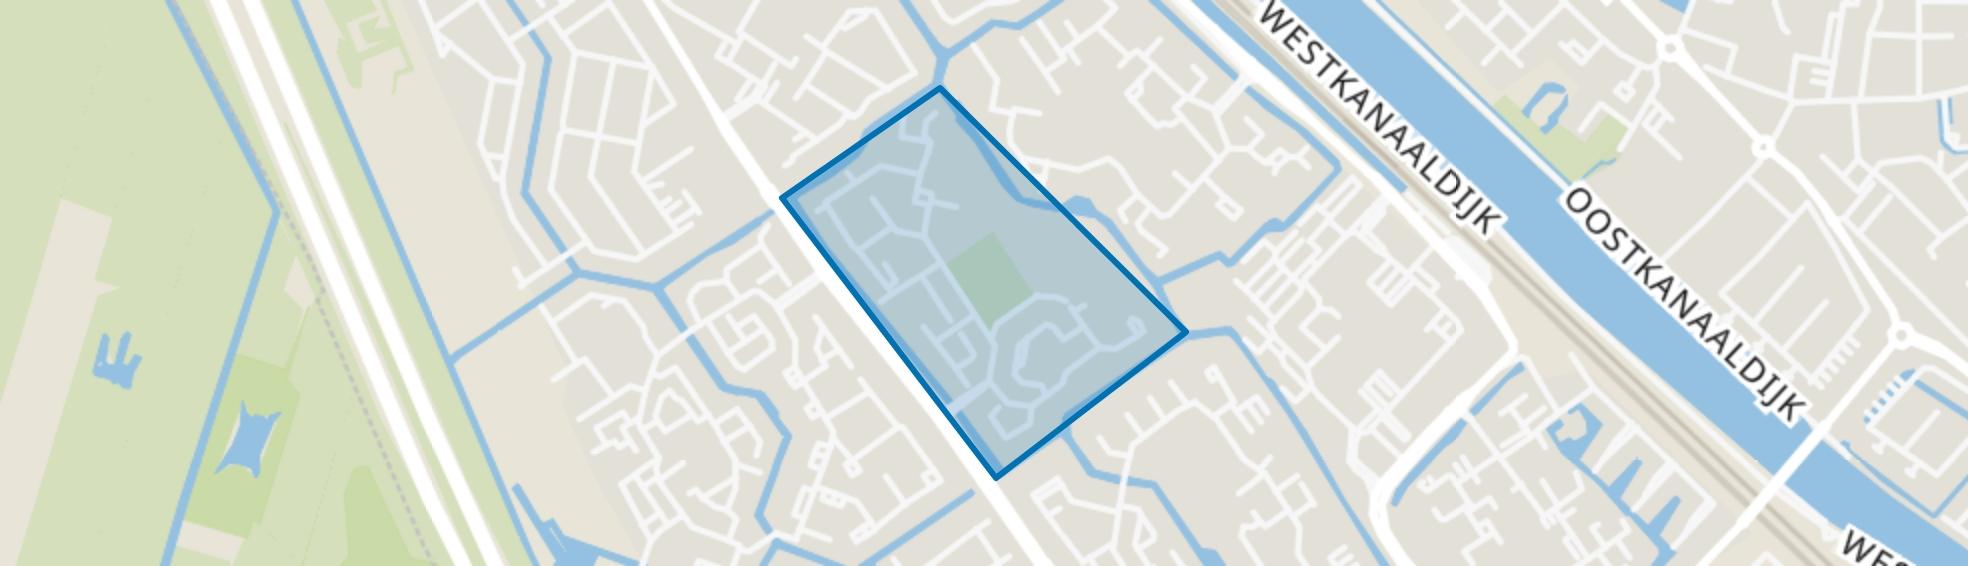 Pauwenkamp, Maarssen map